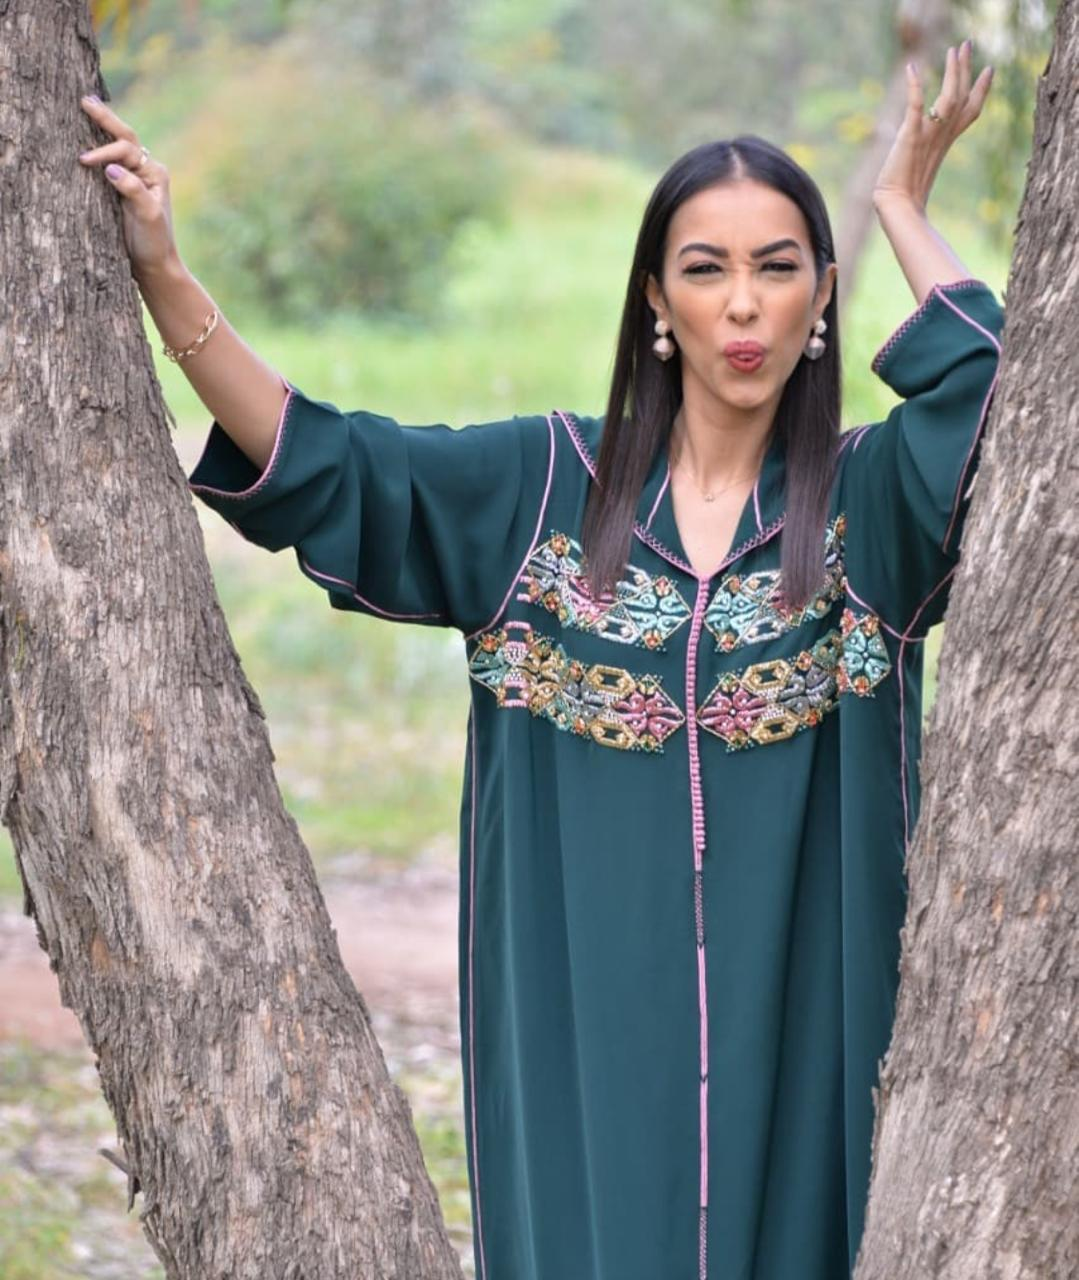 الجلابيات المغربية بالألوان الداكنة